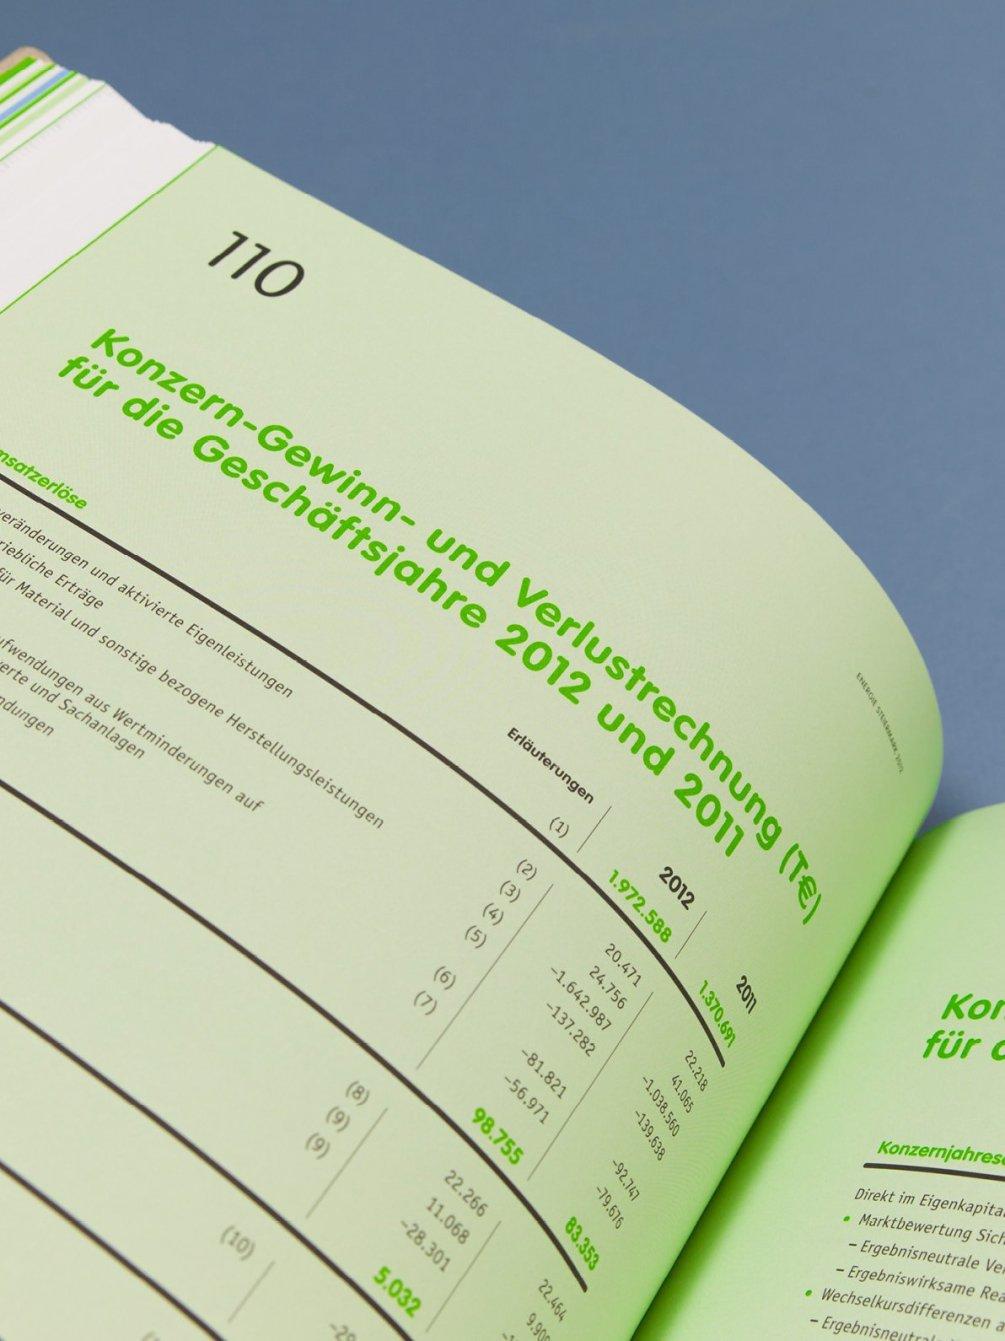 energie-steiermark-jahresbericht-2012_moodley-brand-identity_moodley-brand-identity_20-1200x1600